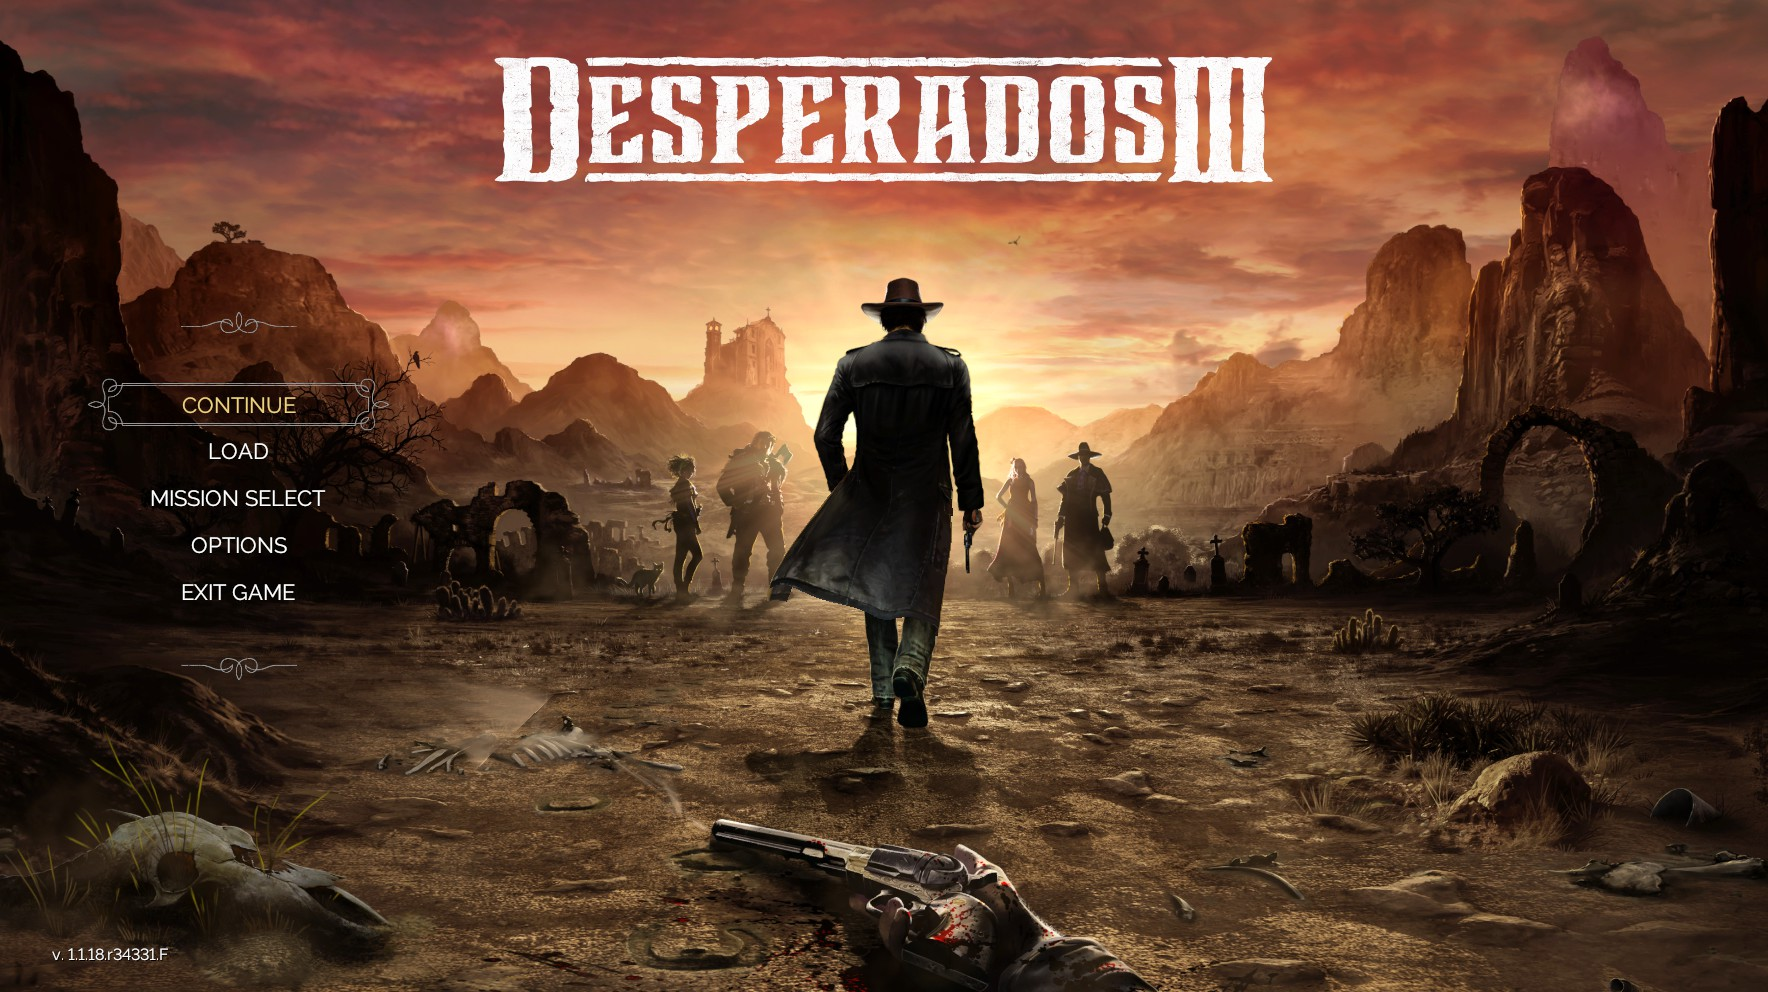 3rd Strike Com Desperados Iii Review